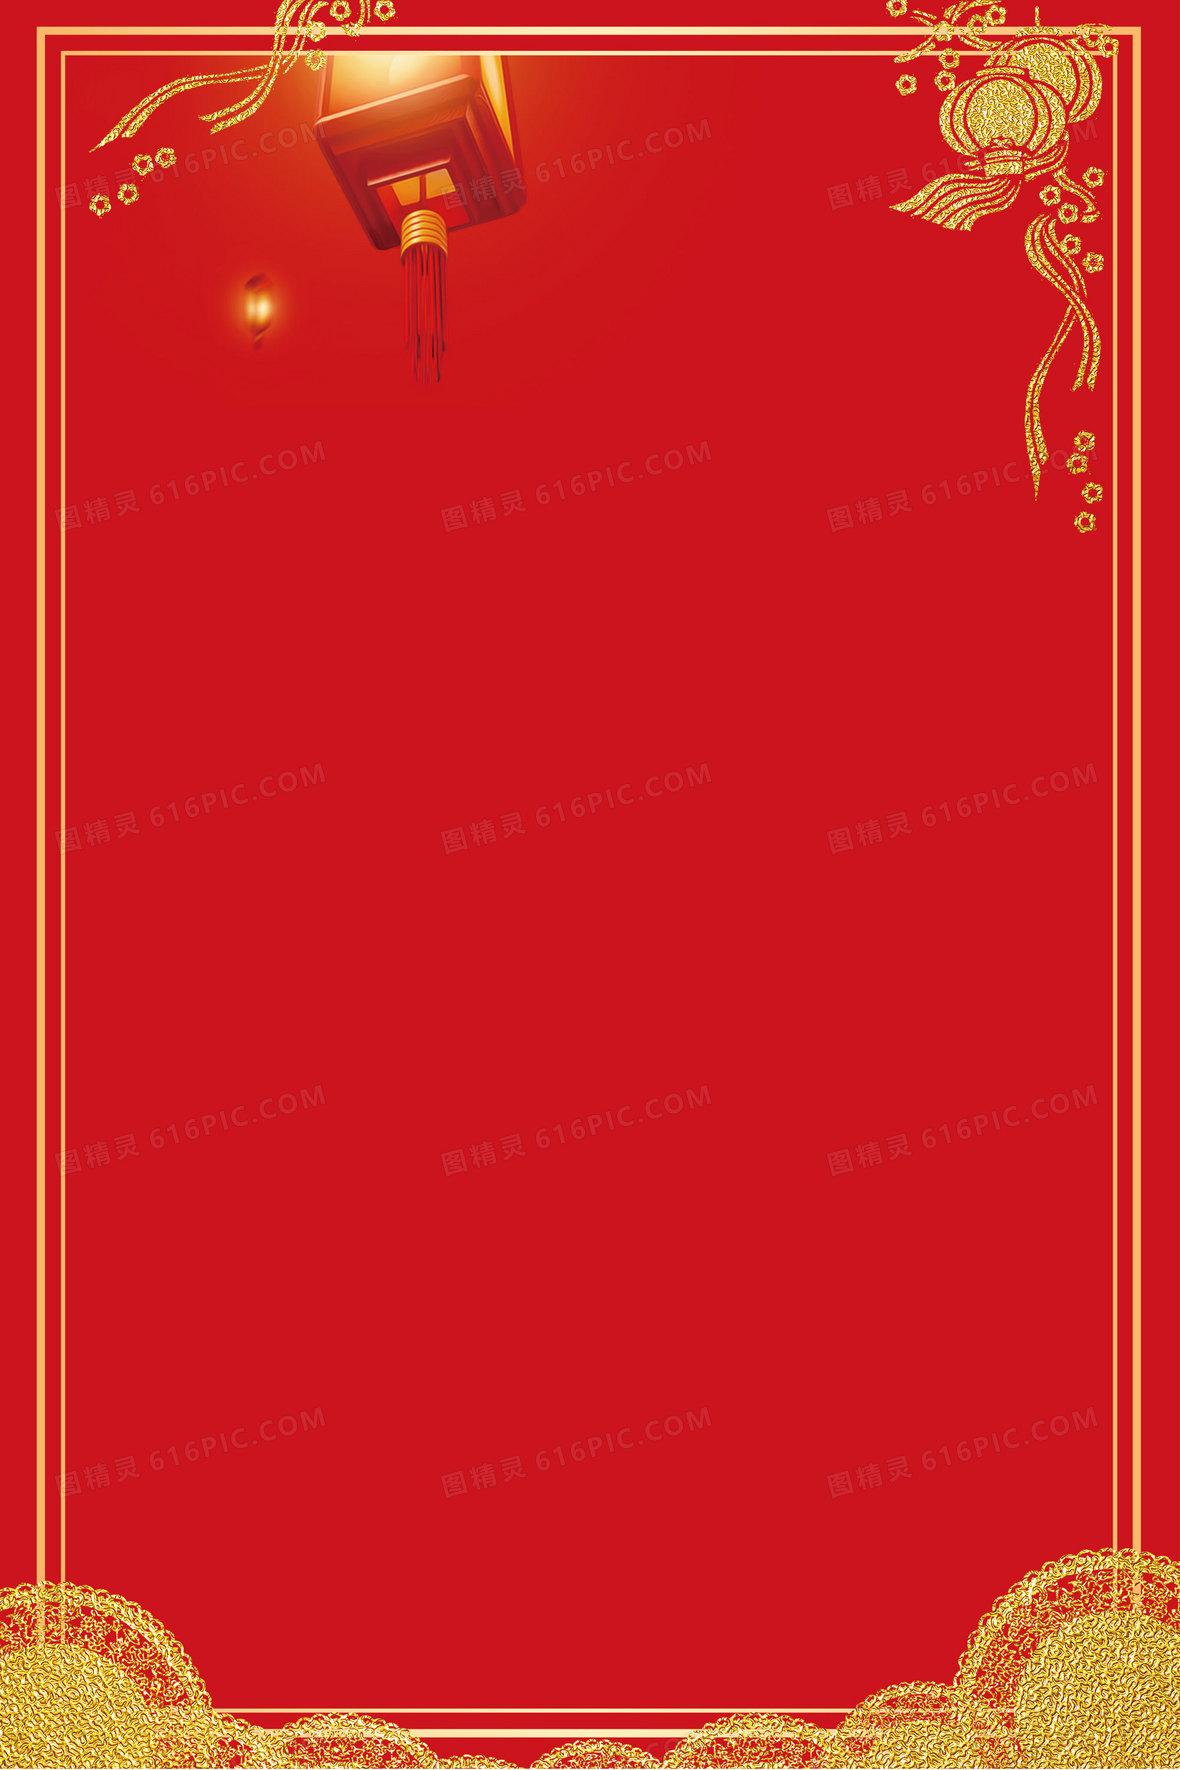 2018狗年红色中国风新年店招金色边框海报